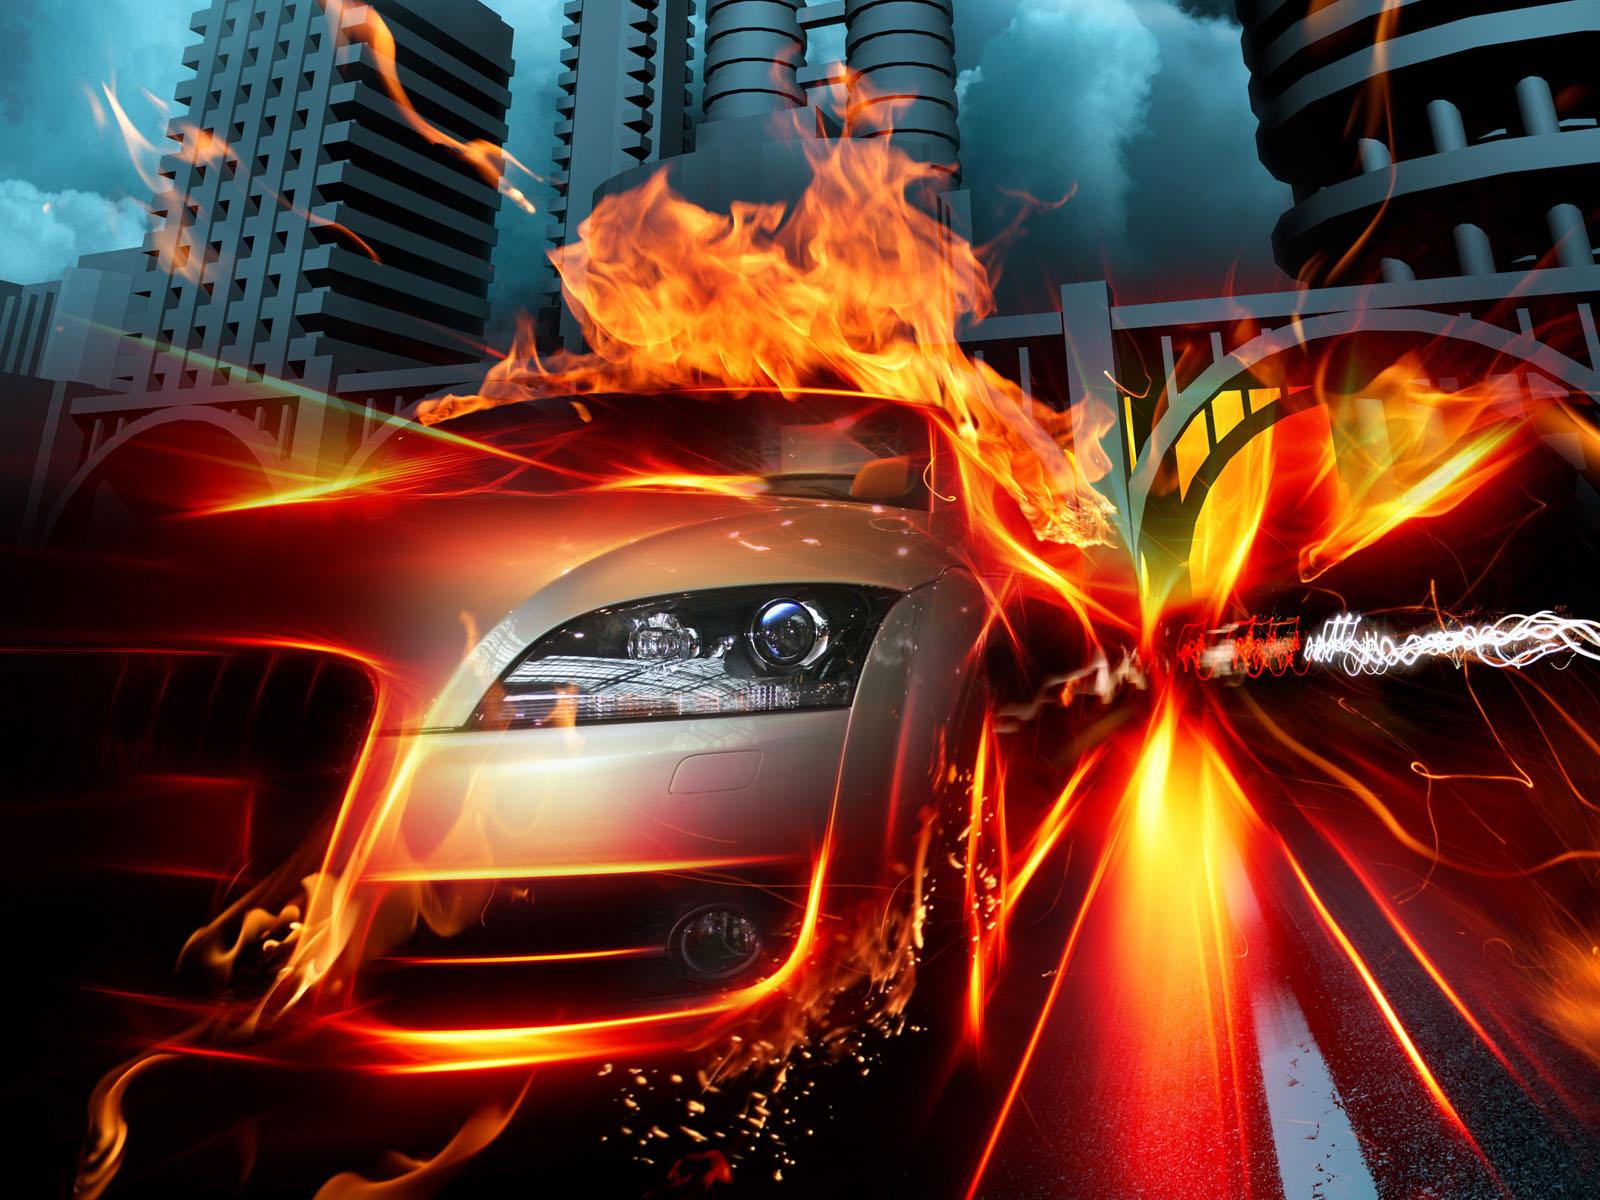 fire wallpaper car